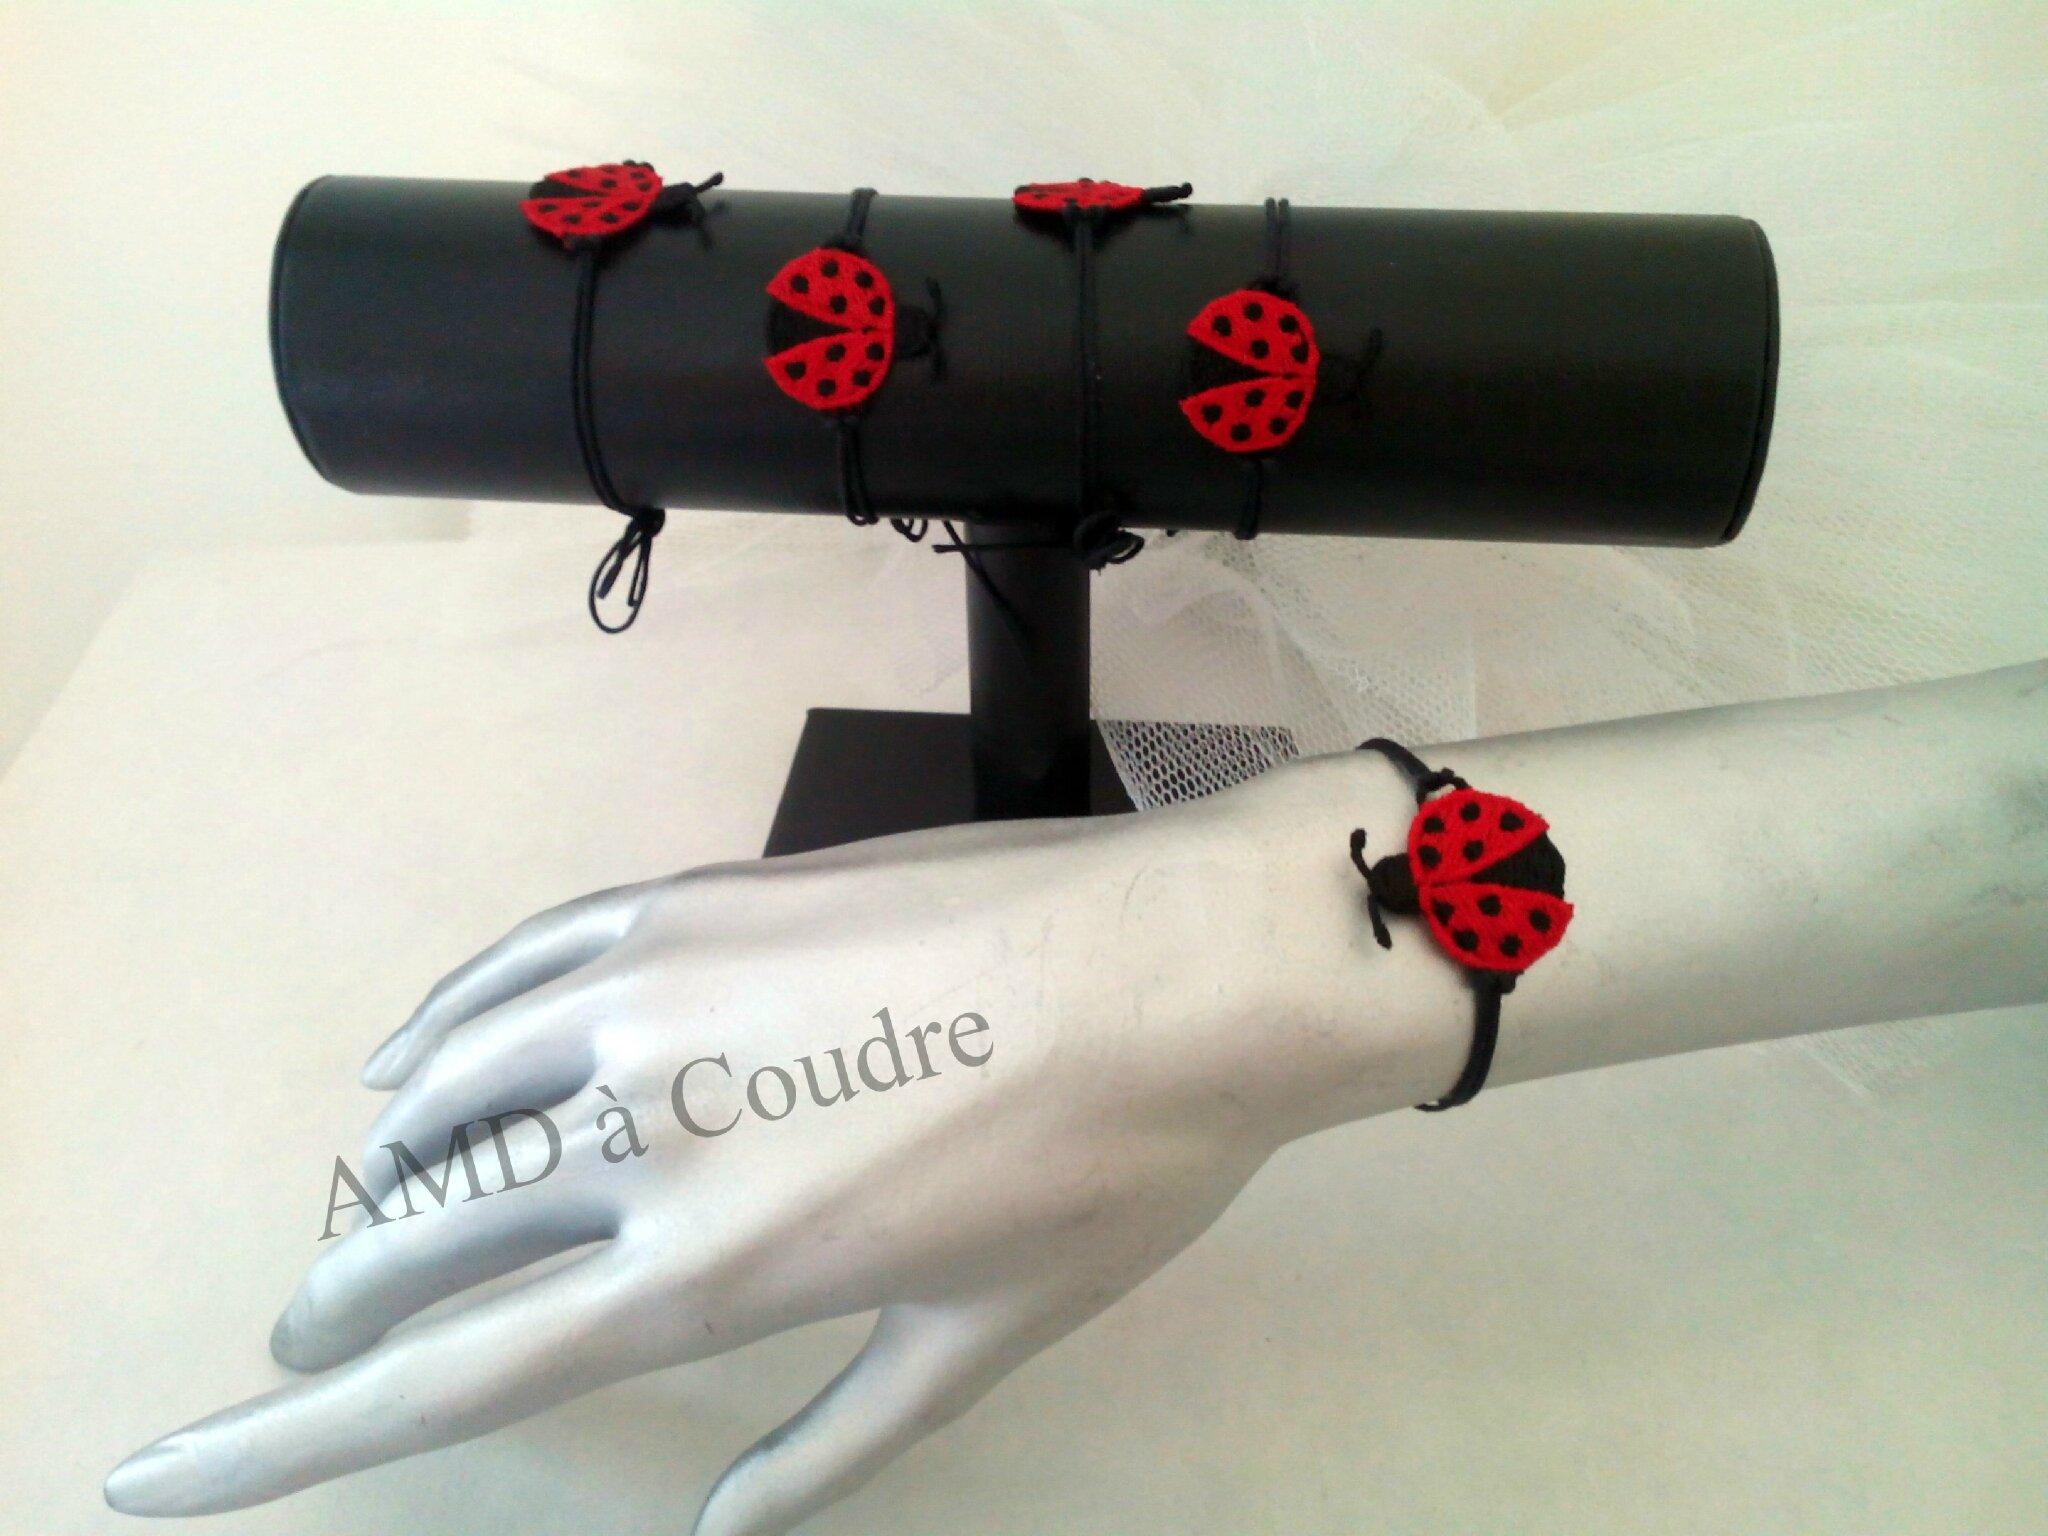 Création bijoux brodés par AMD A COUDRE, coccinelle va dire au bon Dieu que demain il fasse beau !!!!